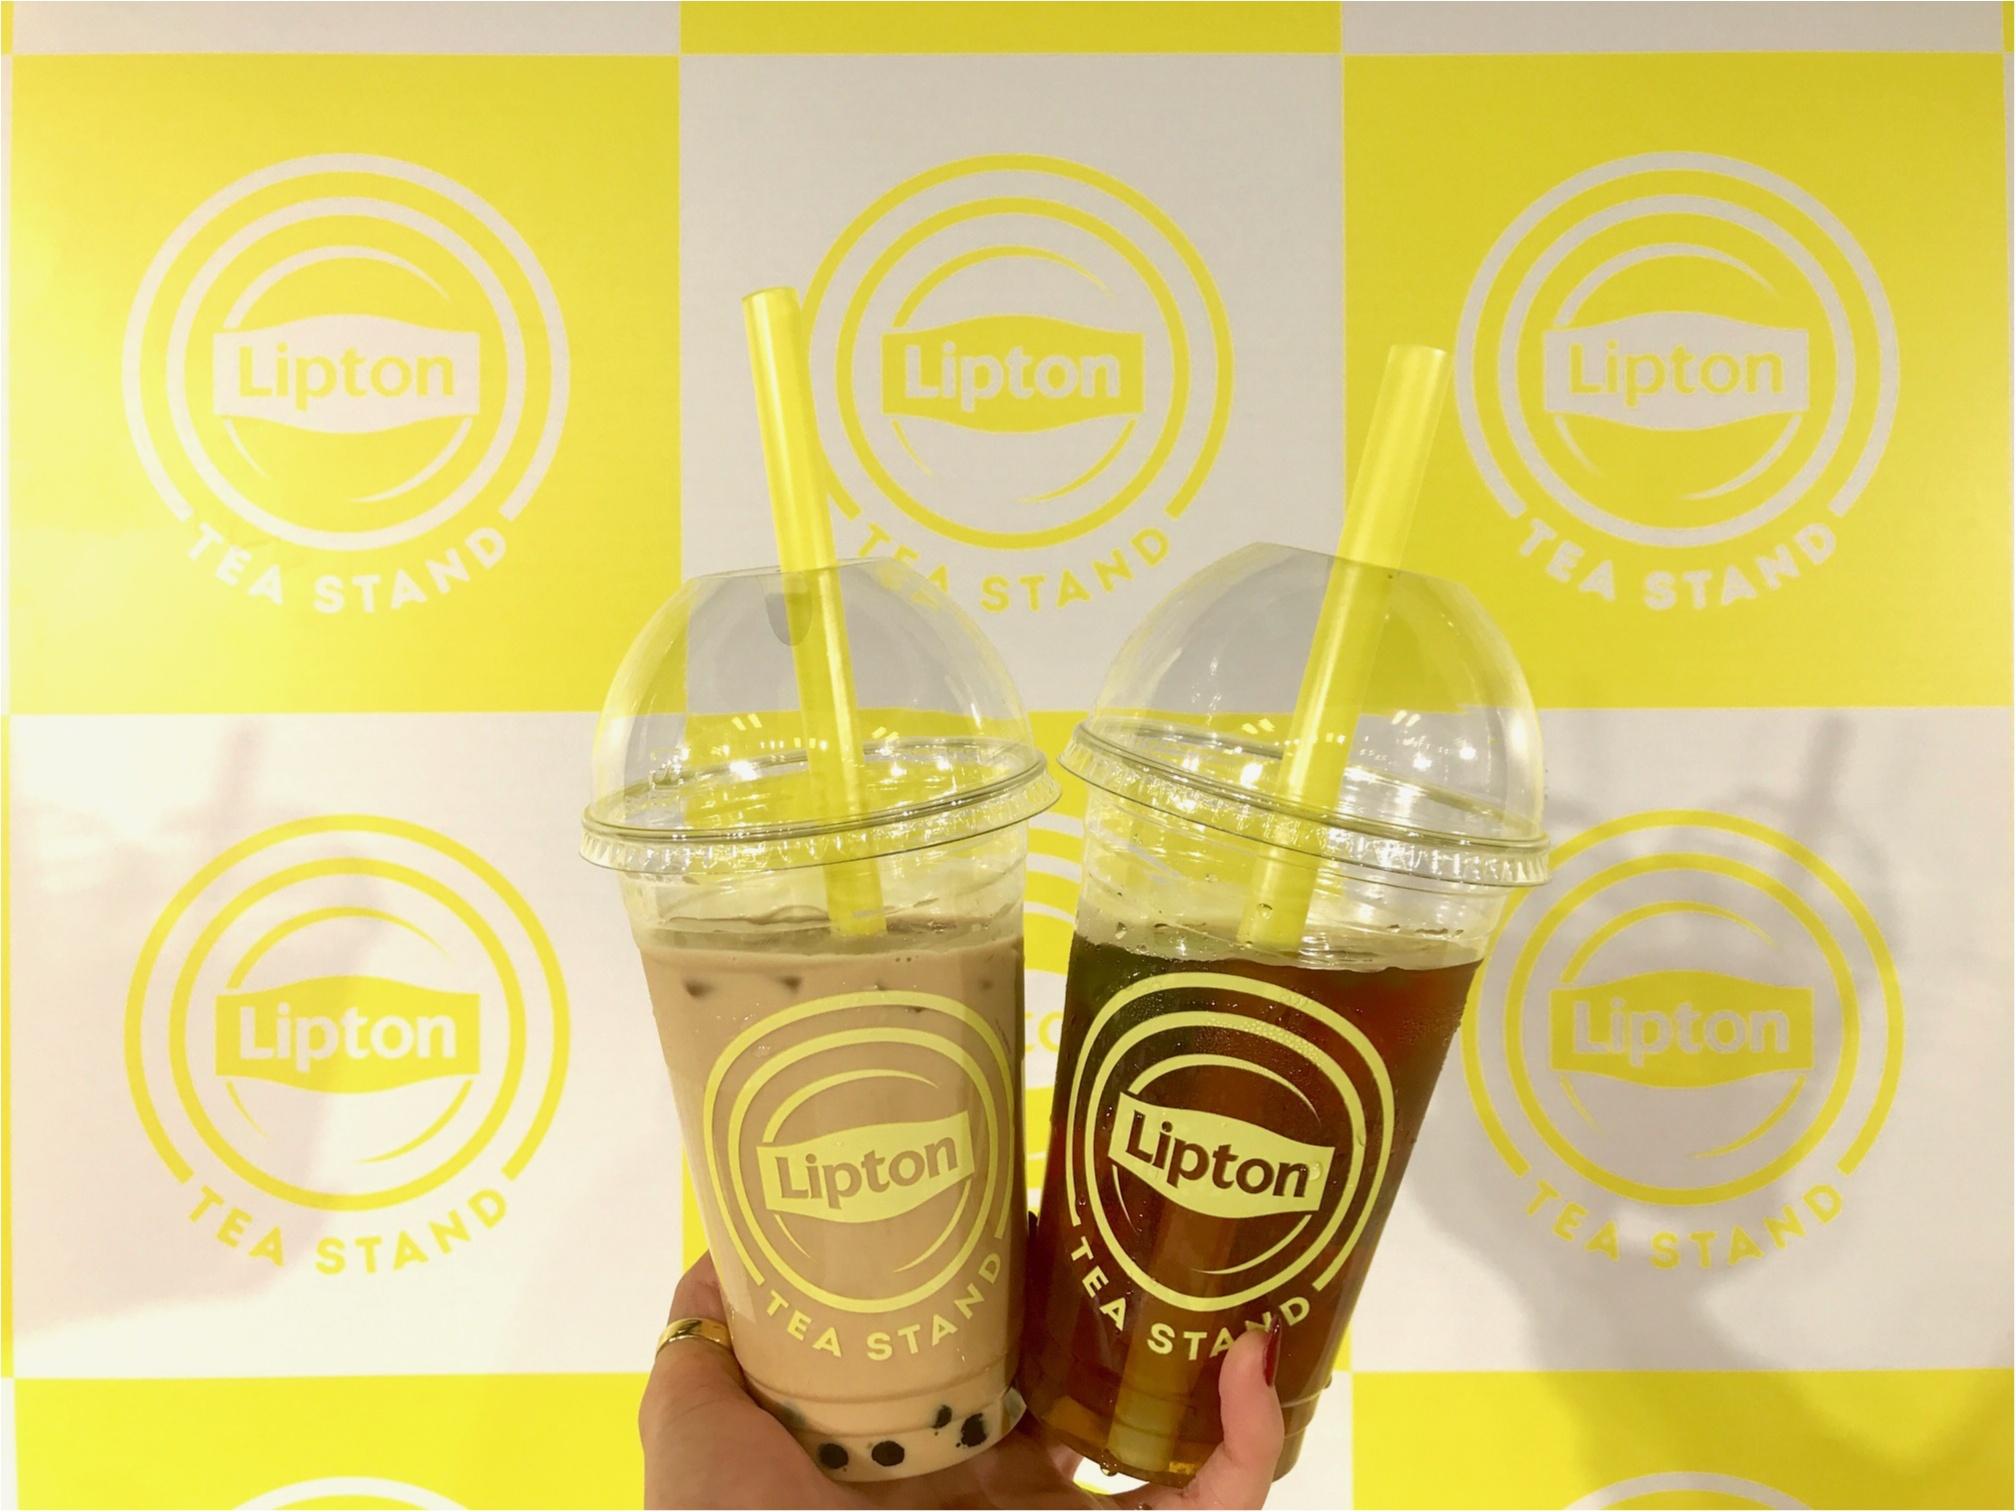 表参道・大阪で大人気のあの『リプトン』イベントがお店になった! 「Lipton Tea Stand」が、札幌北広島・名古屋・博多にオープン★_2